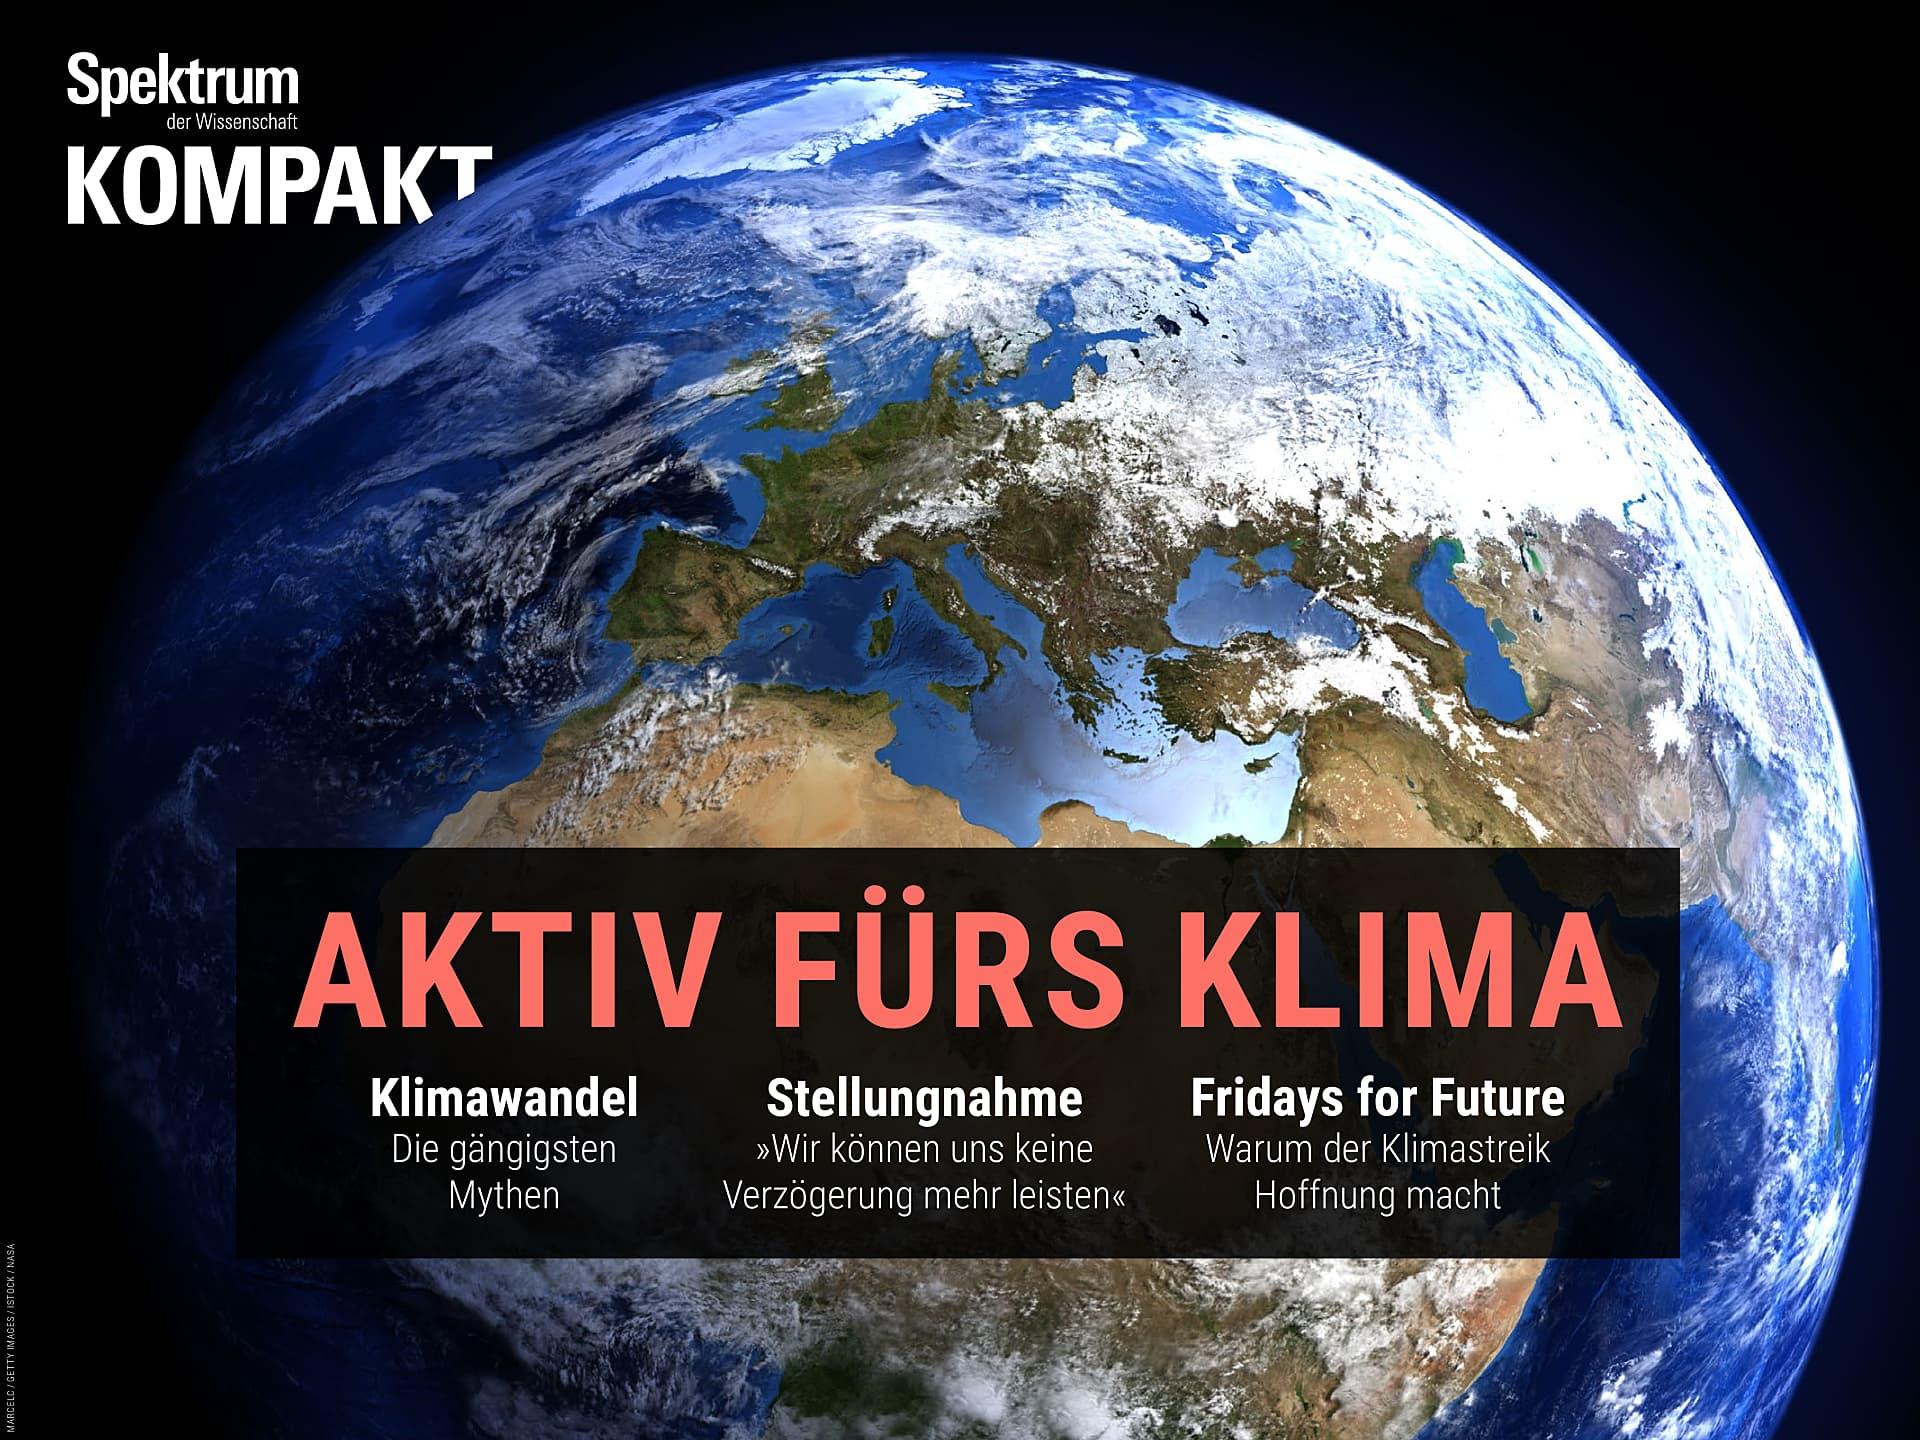 Aktiv fürs Klima